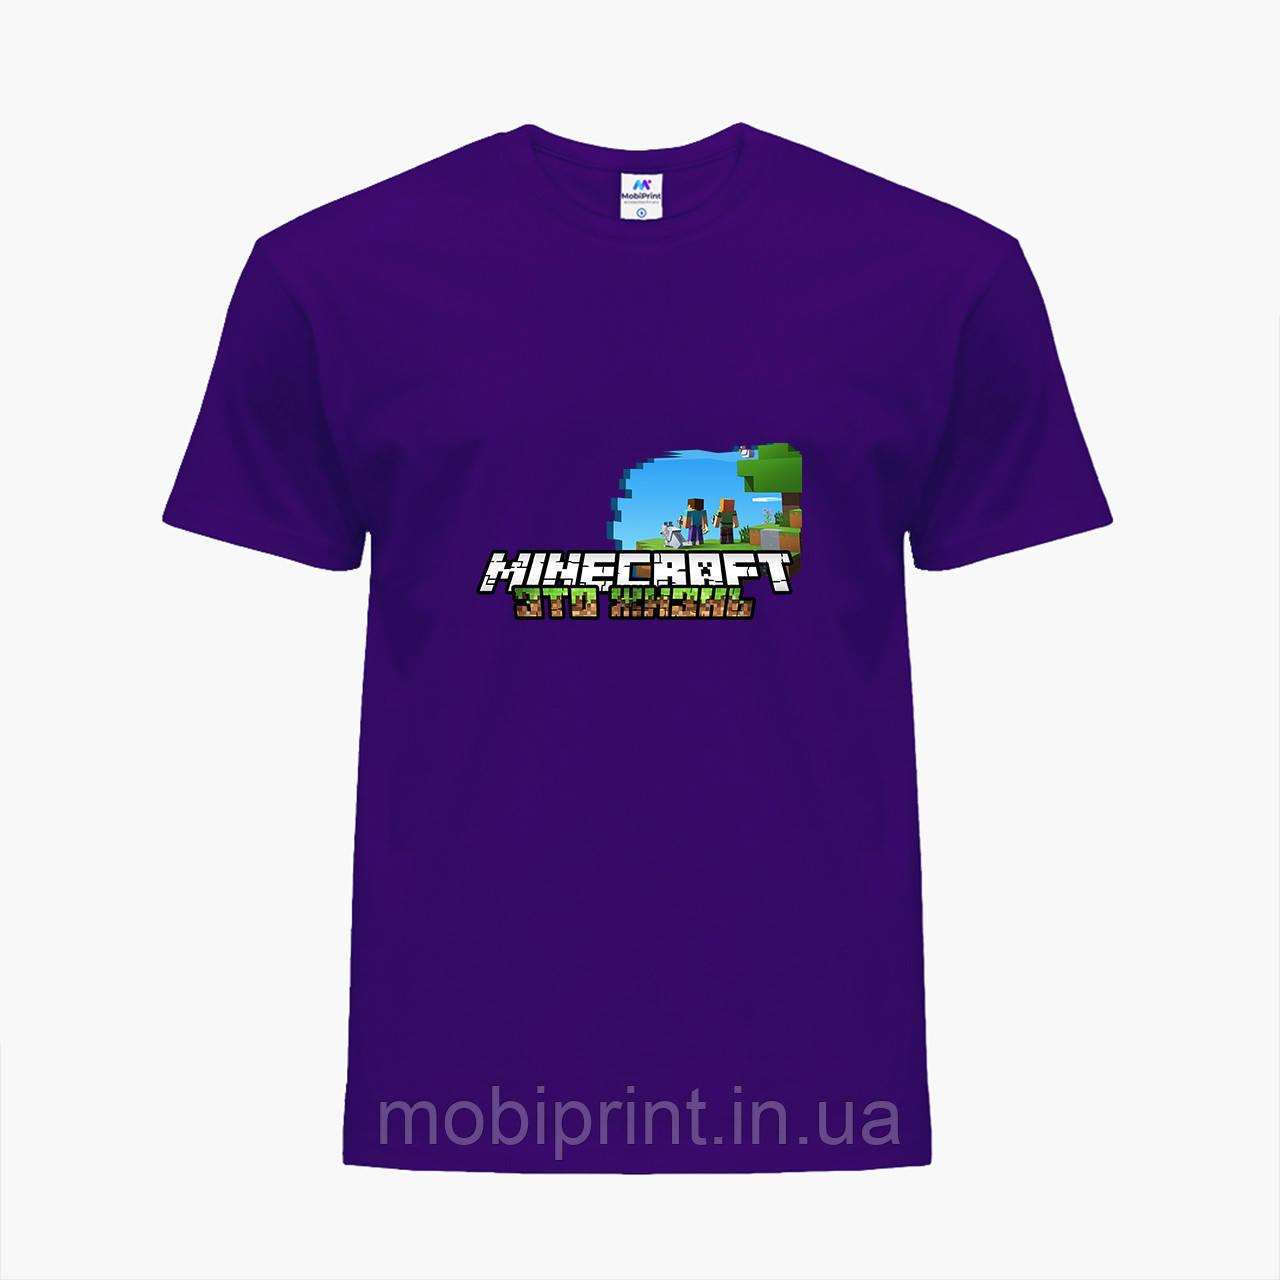 Детская футболка для мальчиков Майнкрафт (Minecraft) (25186-1170) Фиолетовый